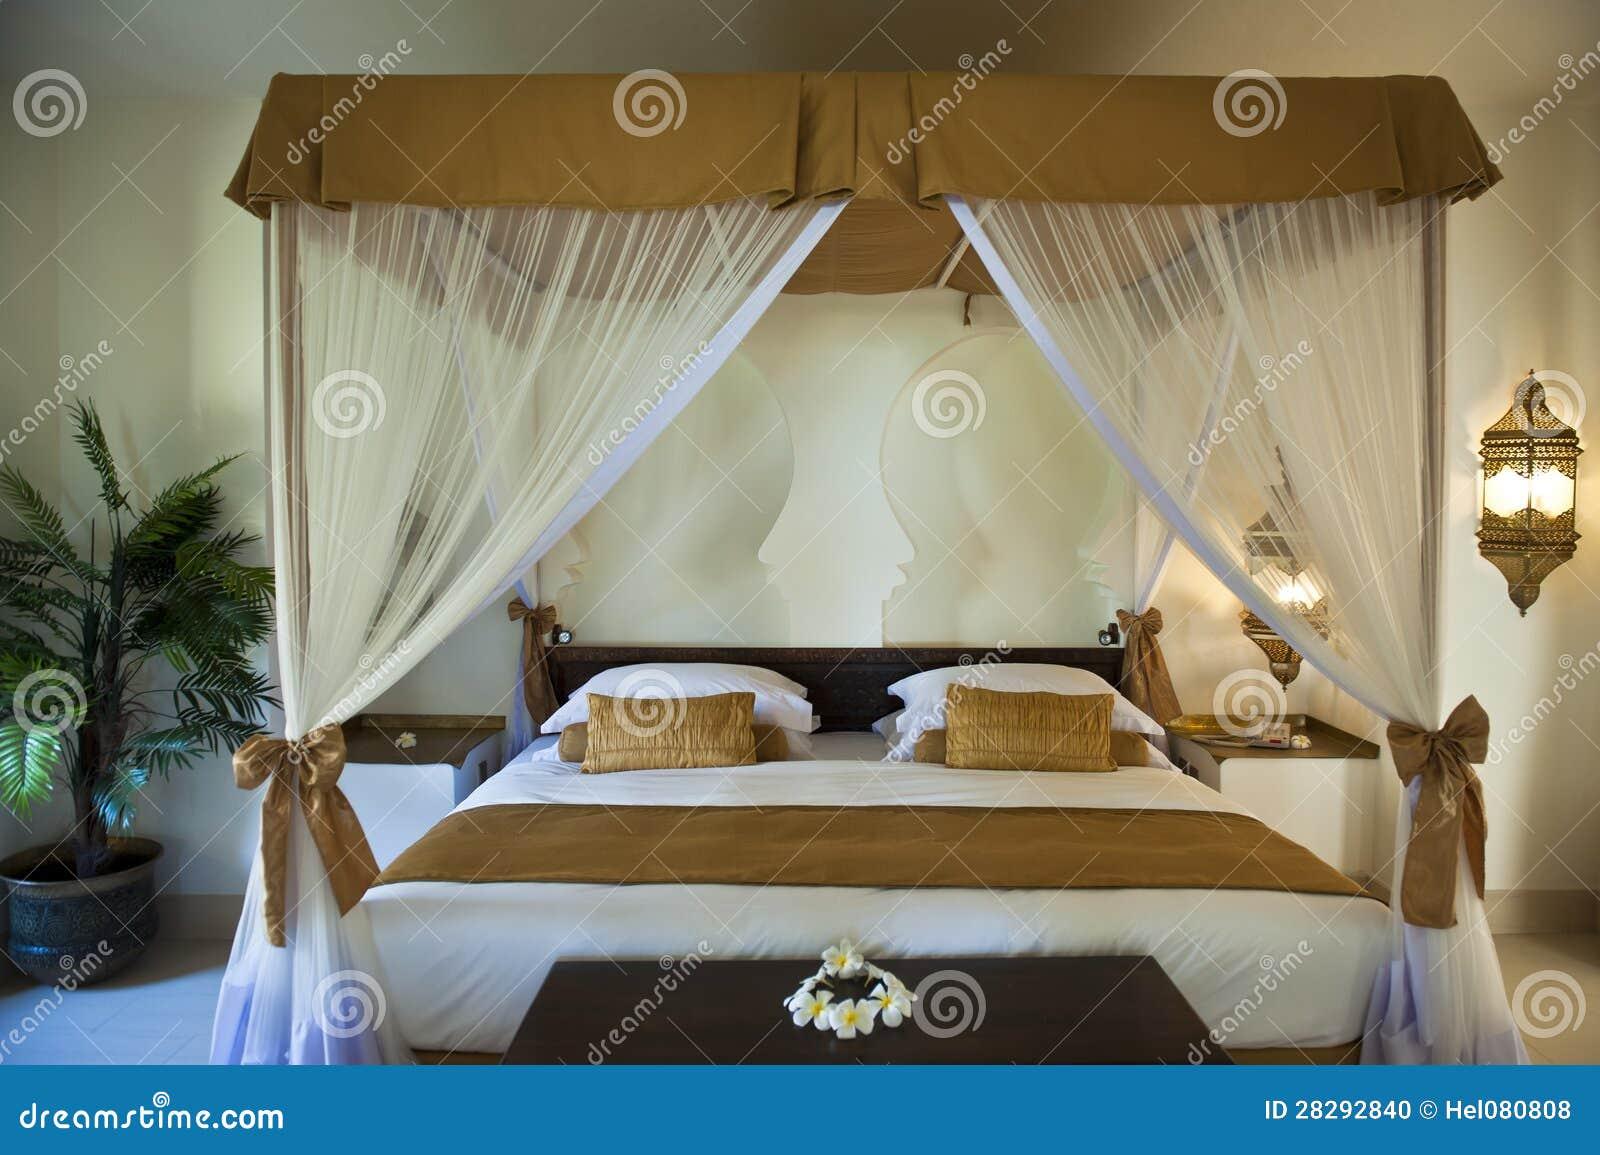 Camere Da Letto Orientale : Camera da letto orientale di lusso dell hotel fotografia stock